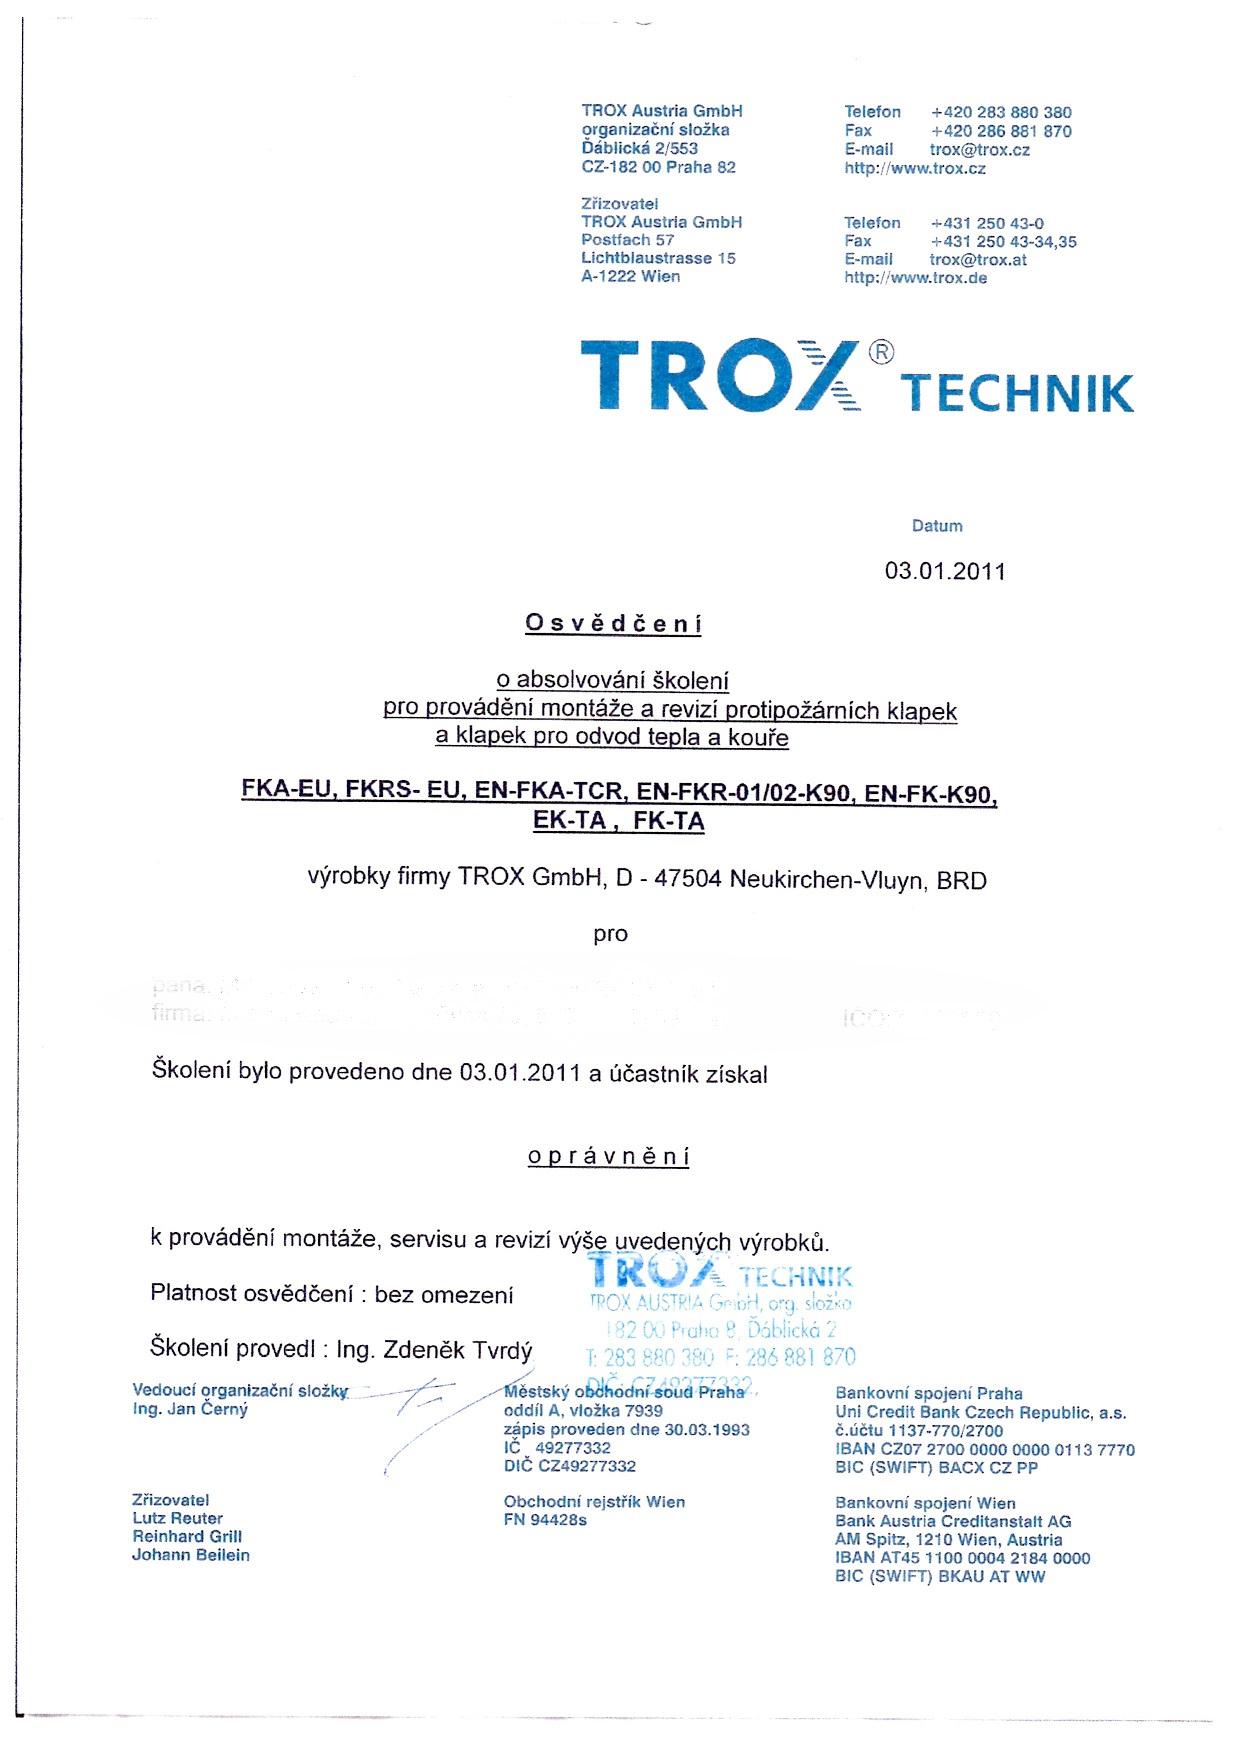 Oprávnění pro montáž, servis a revize zde uvedených výrobků TROX